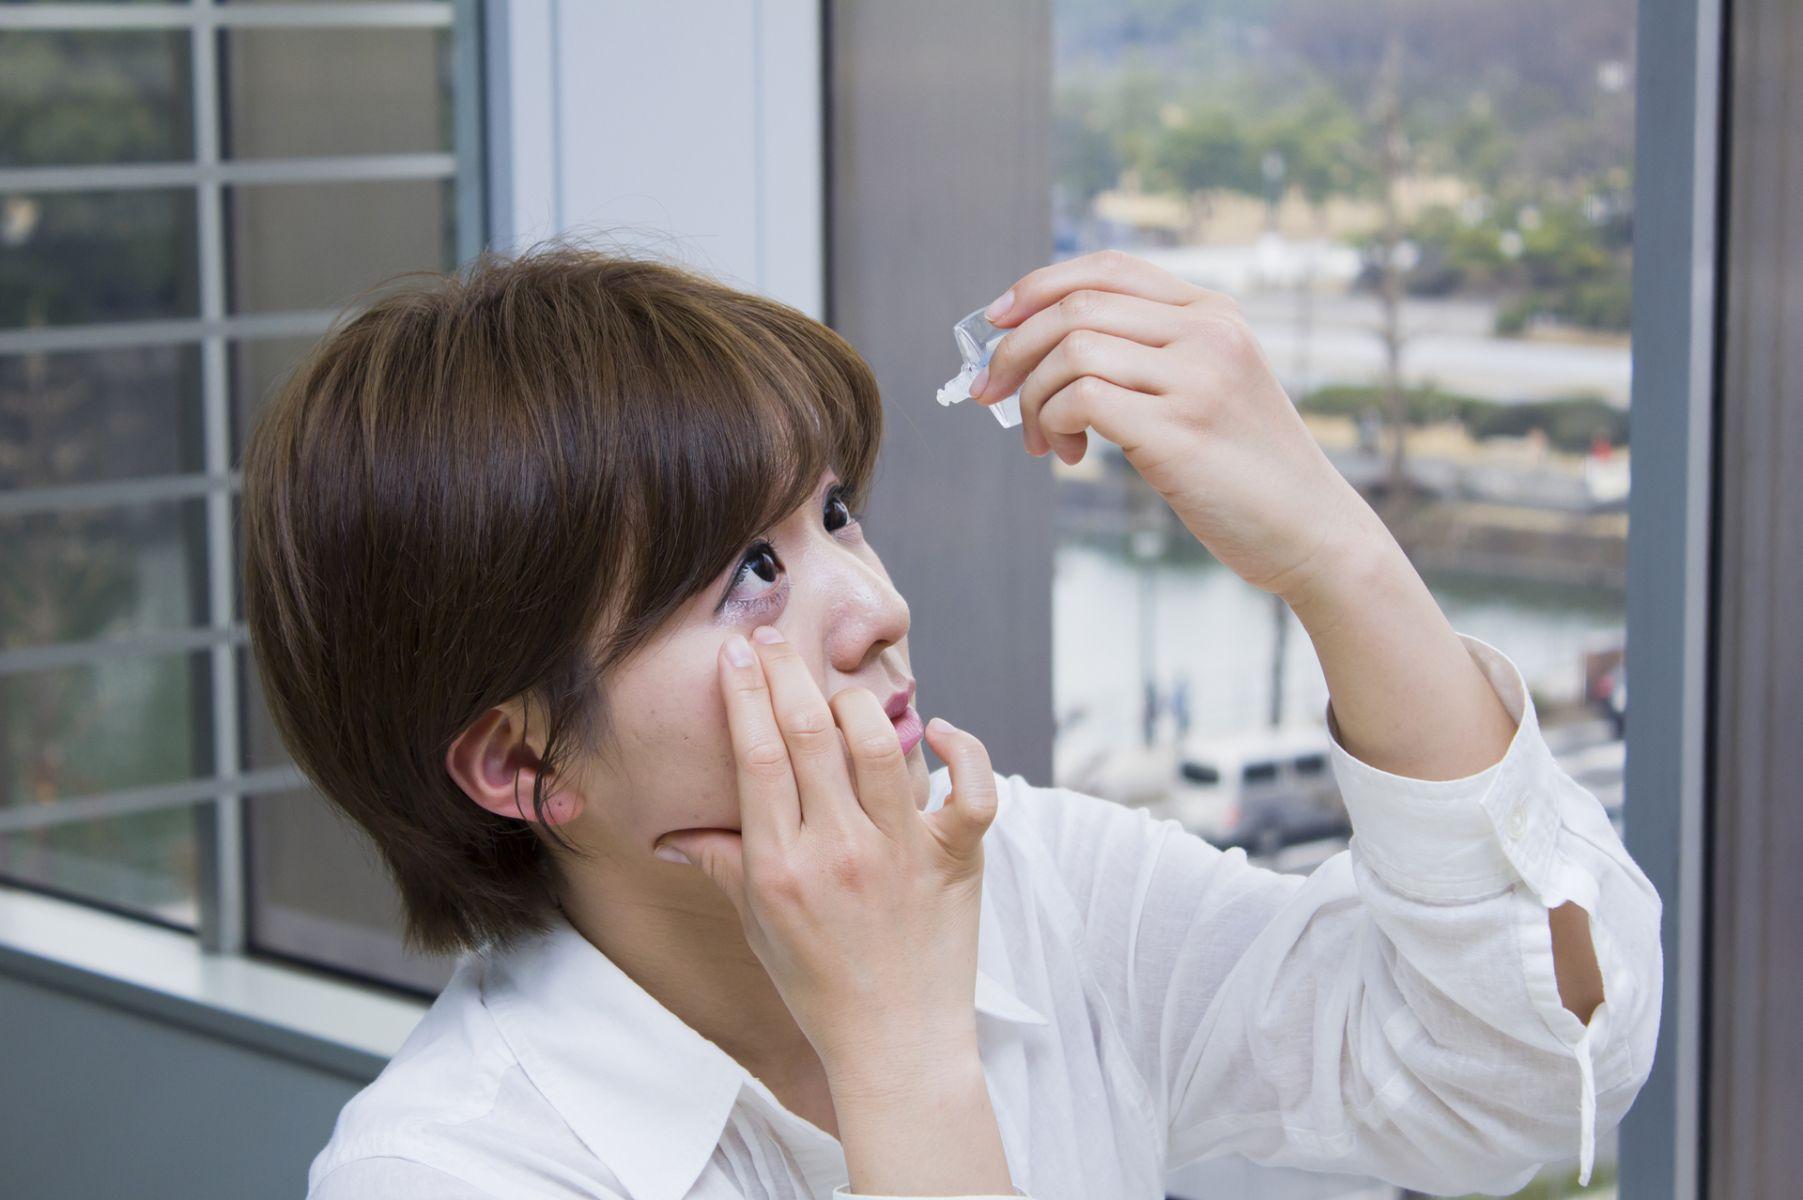 涼感眼藥水消除疲勞?過度使用恐釀眼疾